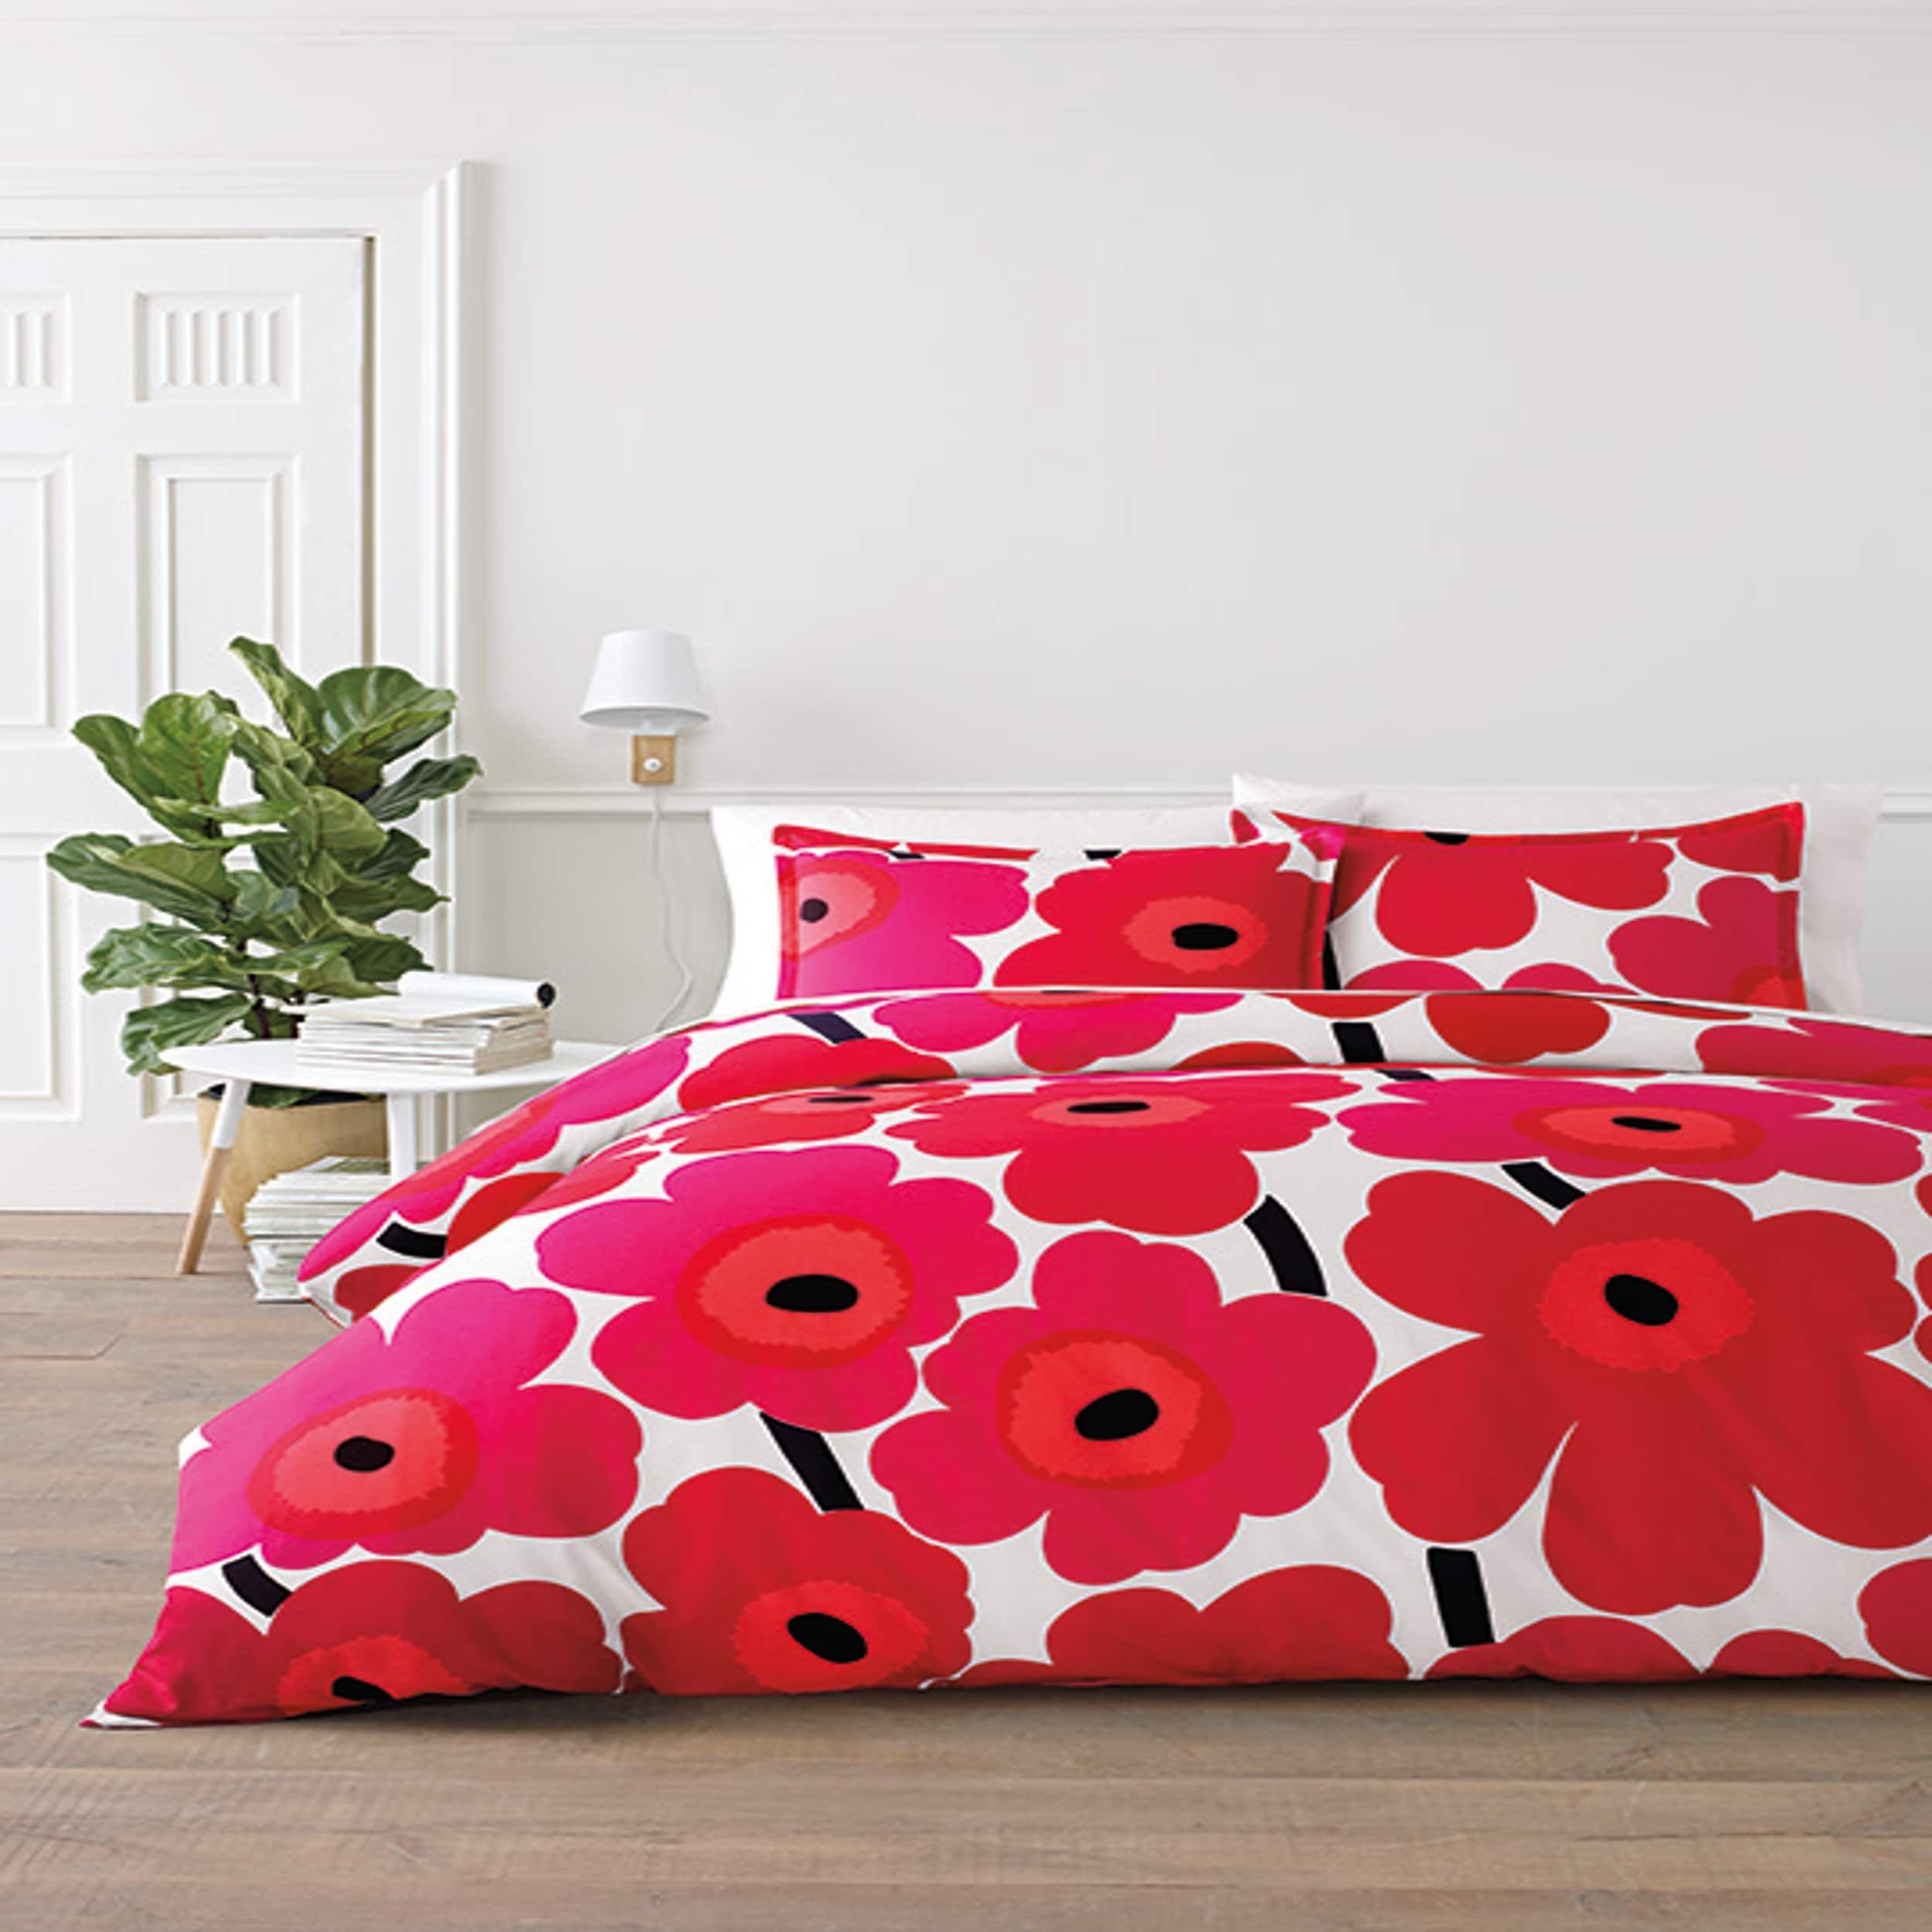 Buy Marimekko Unikko Duvet Cover Red